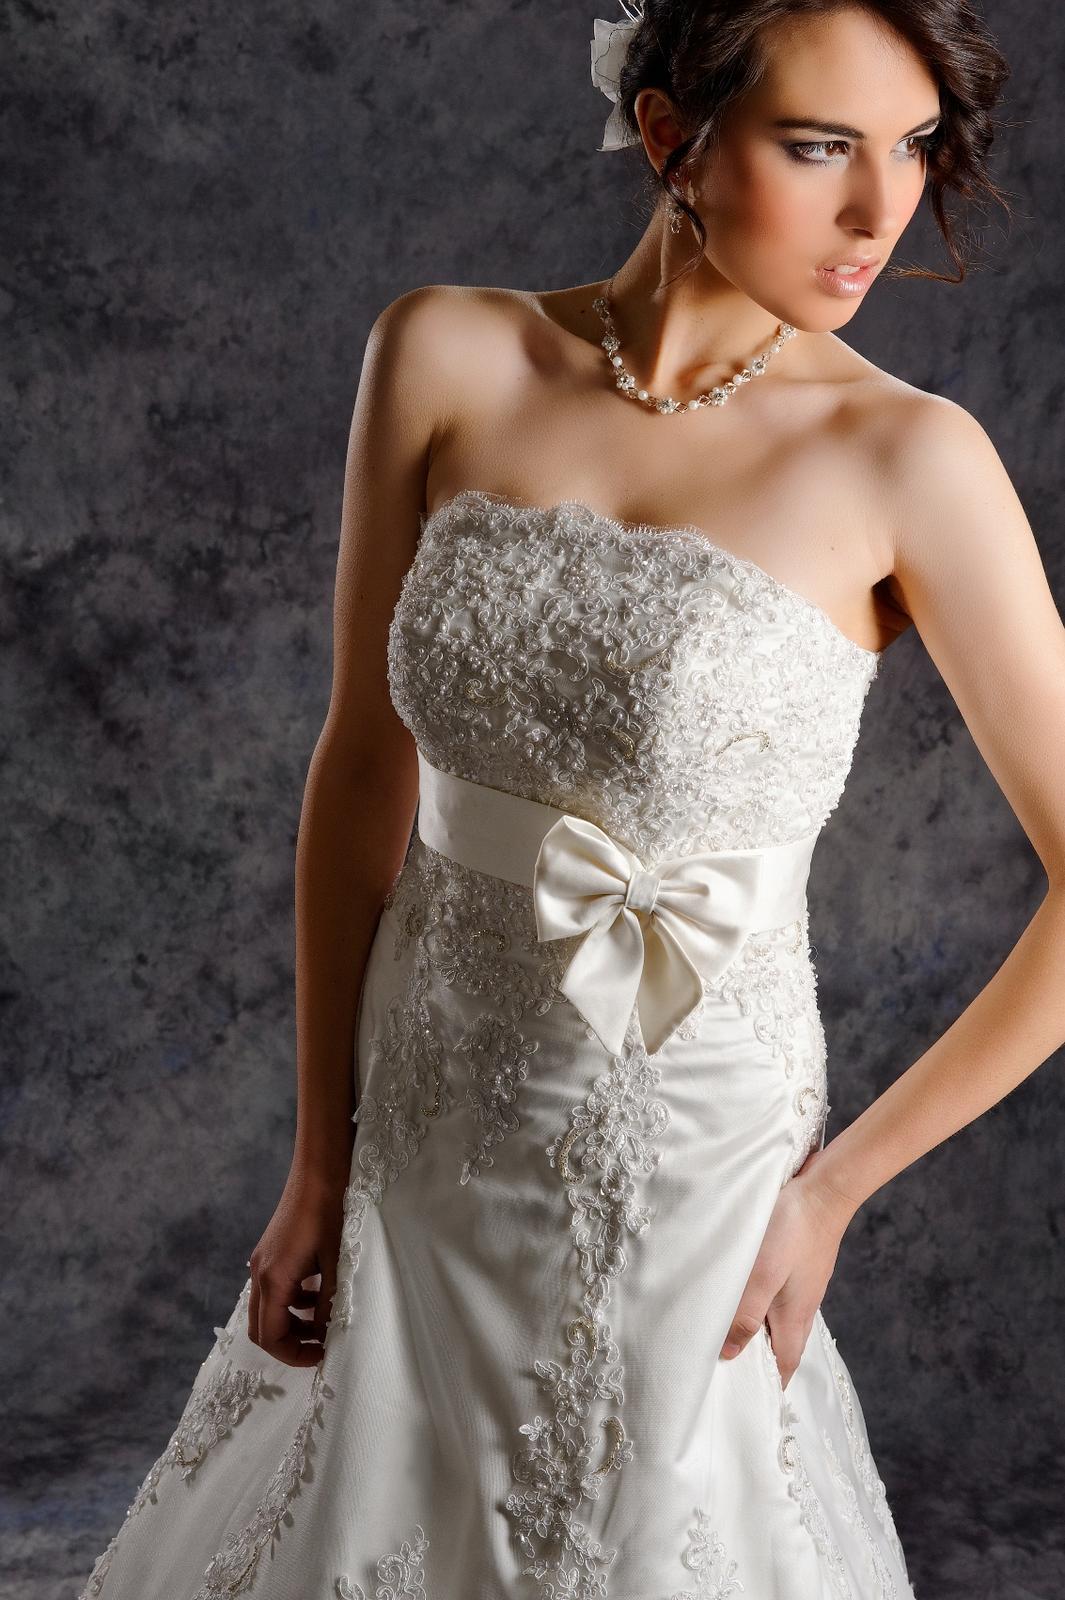 Svadobné šaty Vanessa, jediný kus vo výpredaji - Obrázok č. 3